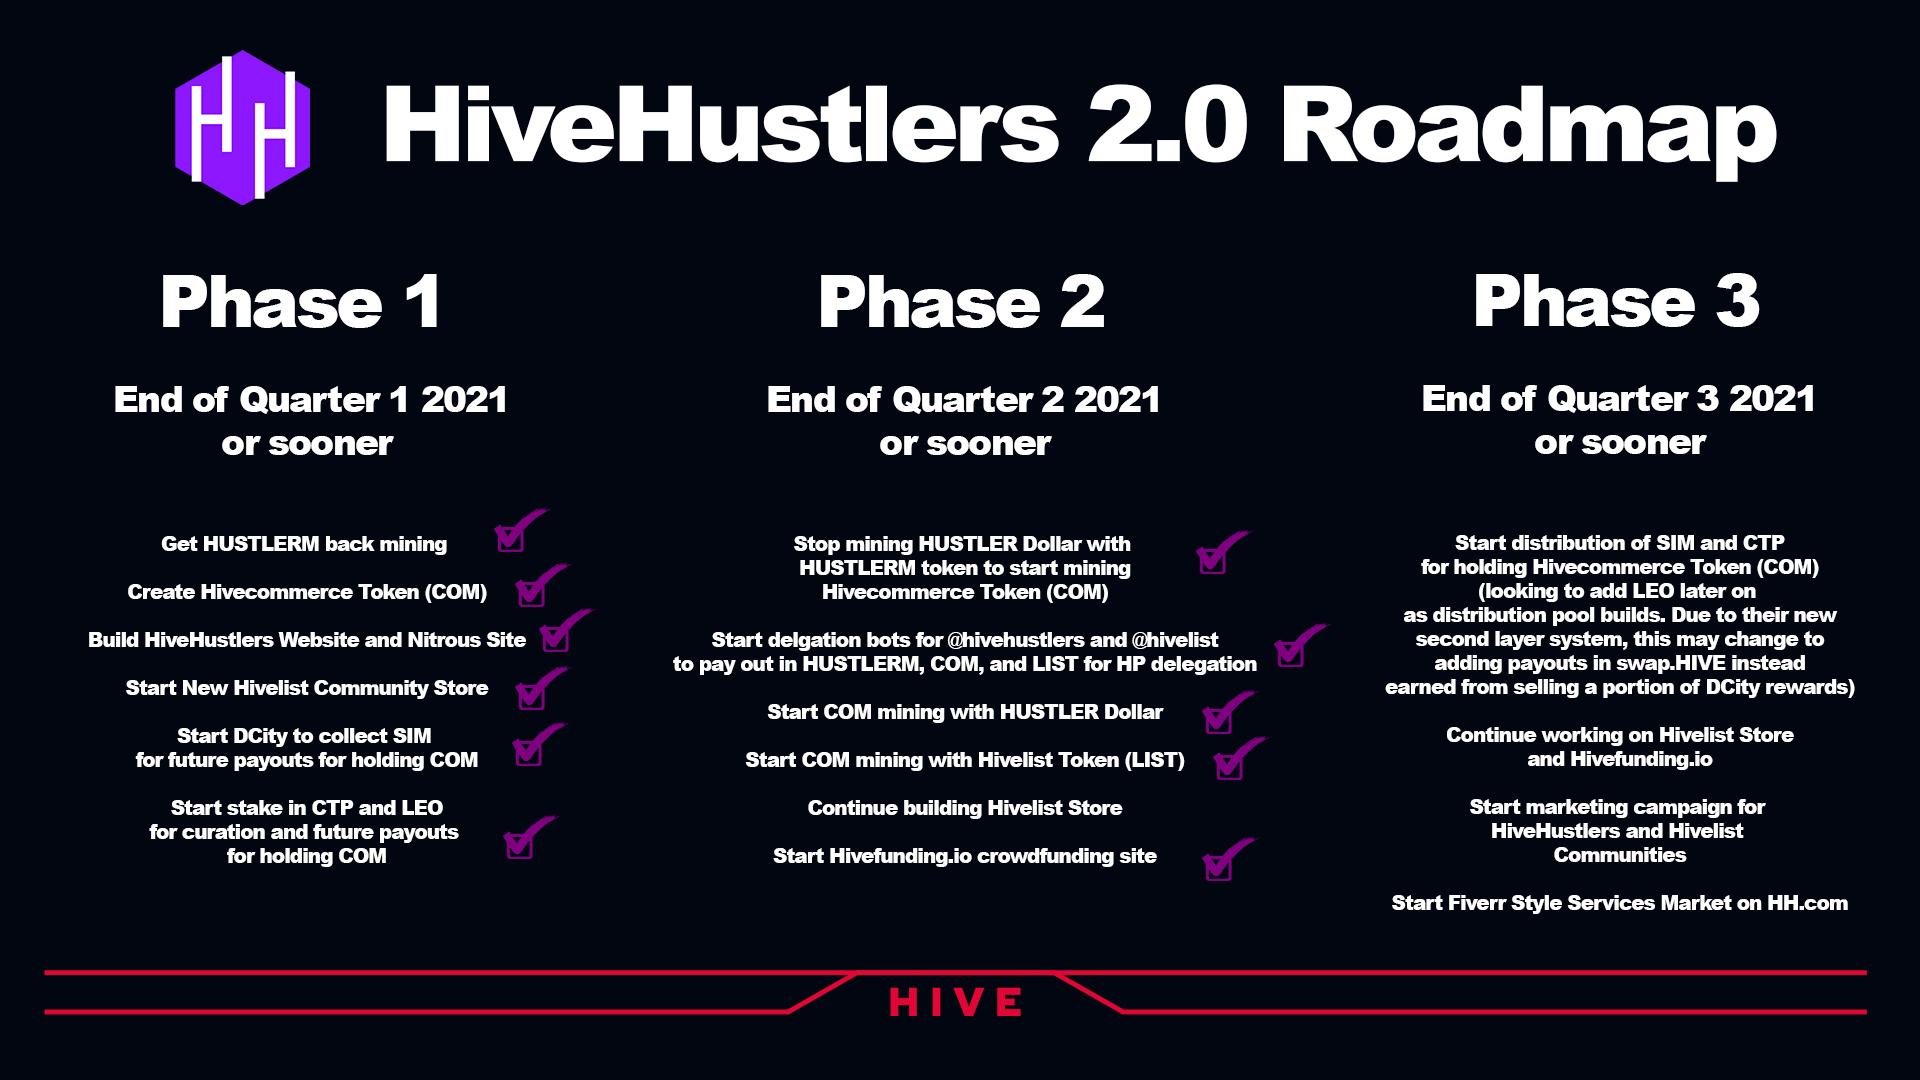 HiveHustler Roadmap Update - Smashing Goals And Over Delivering!